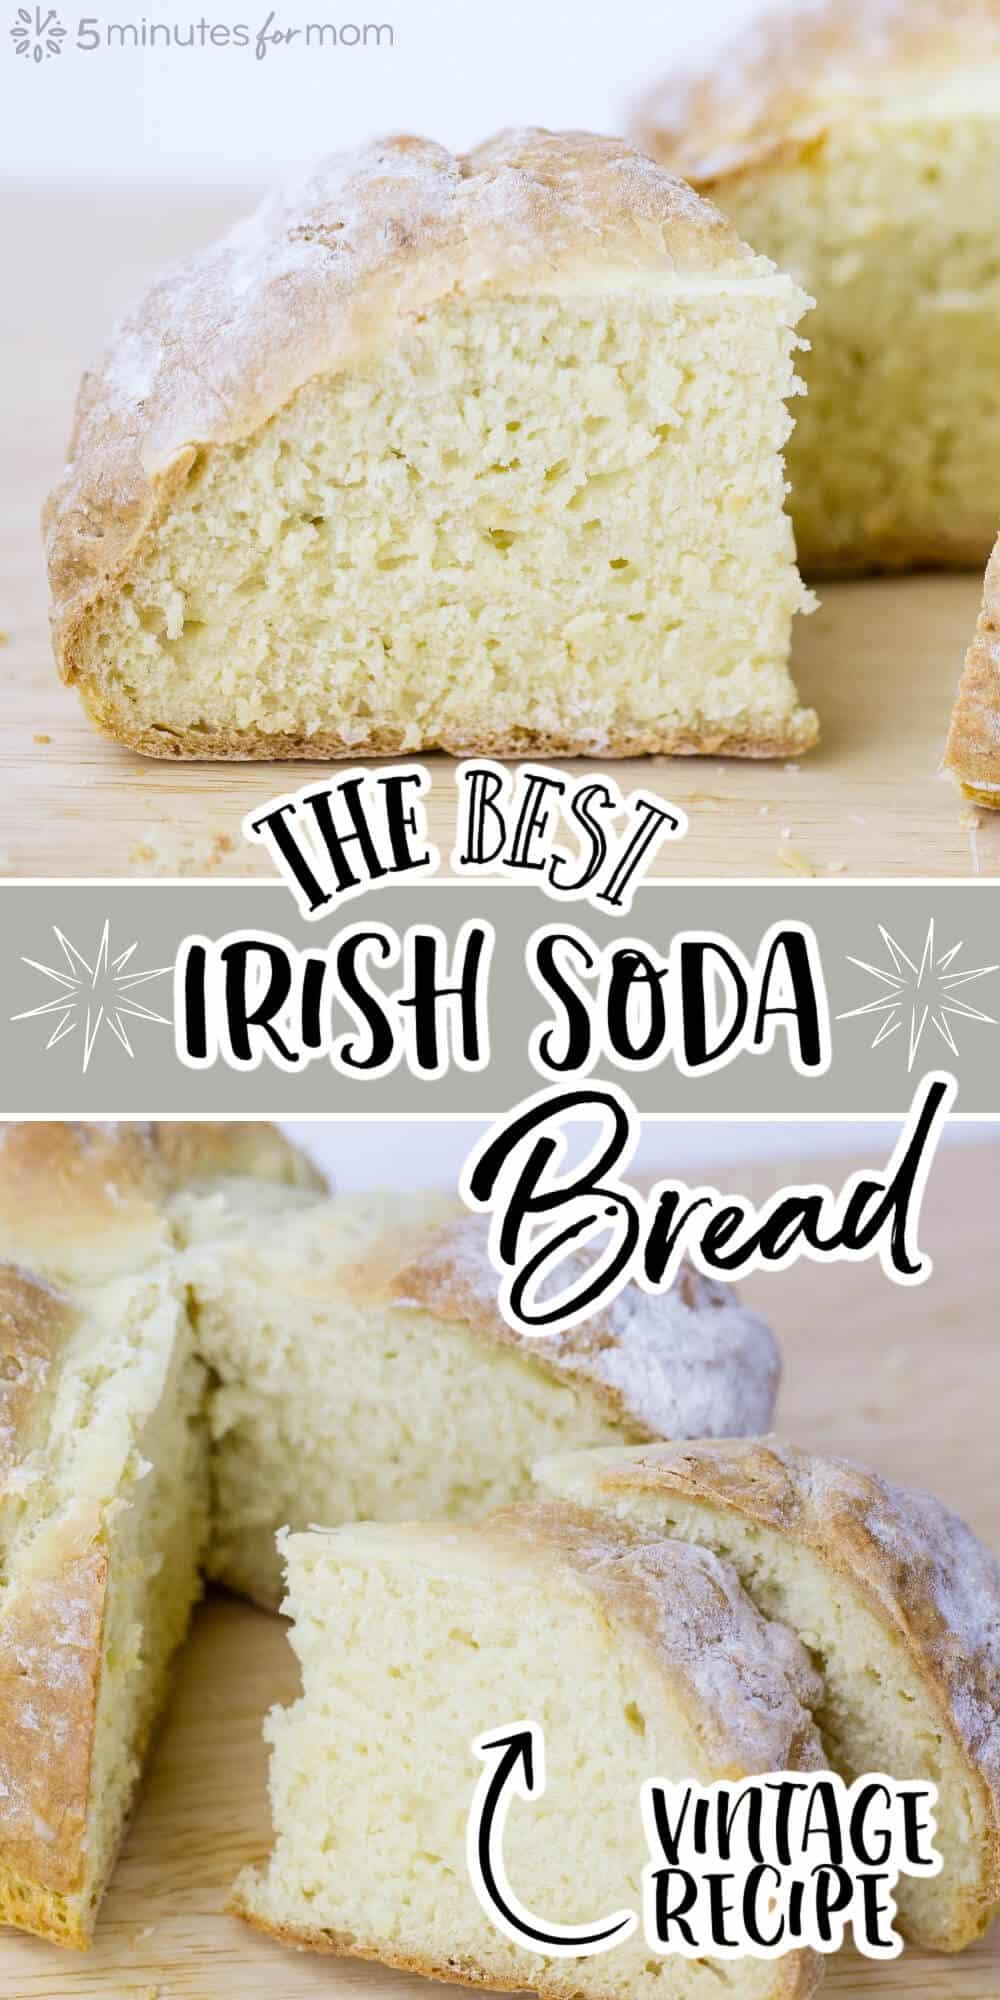 Freshly baked Irish Soda Bread - Text on the image says The Best Irish Soda Bread Vintage Recipe